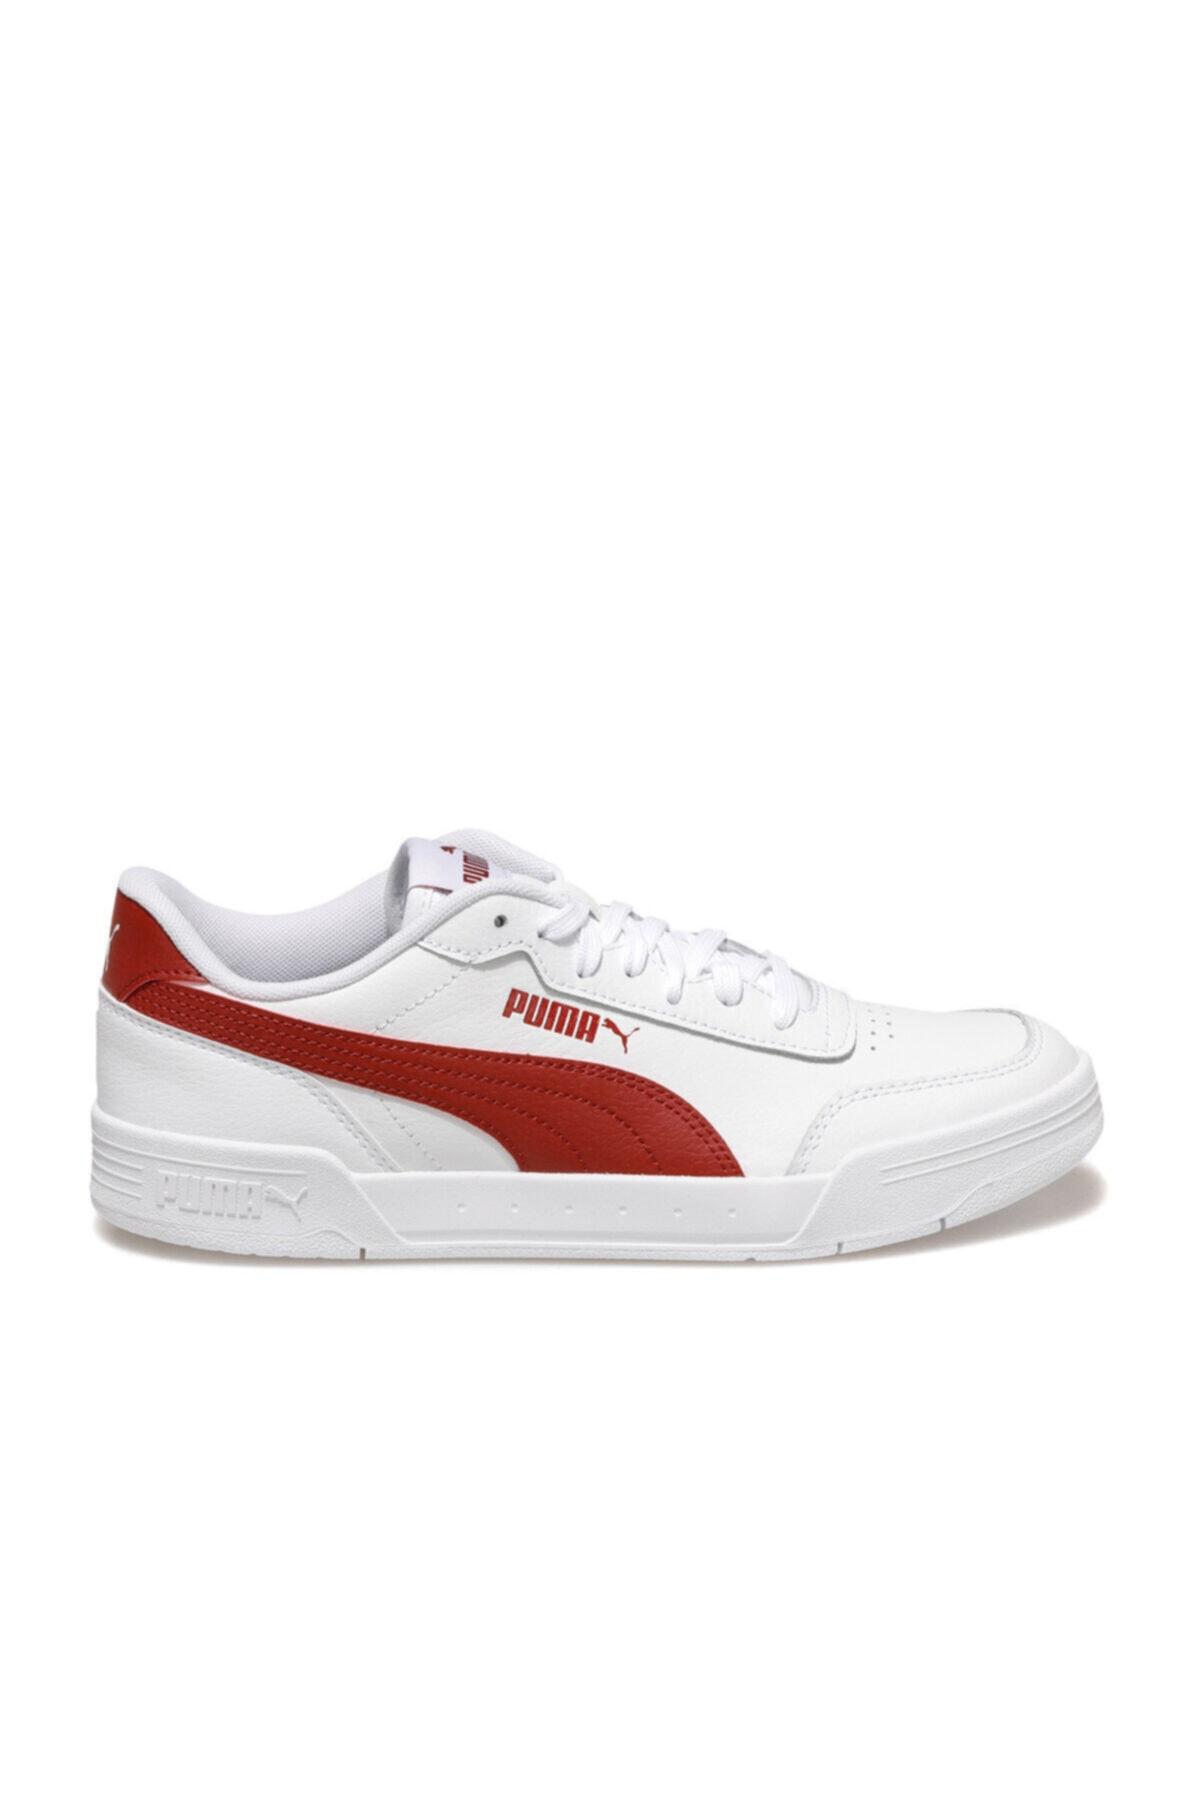 Puma CARACAL Beyaz Erkek Sneaker Ayakkabı 100640965 2